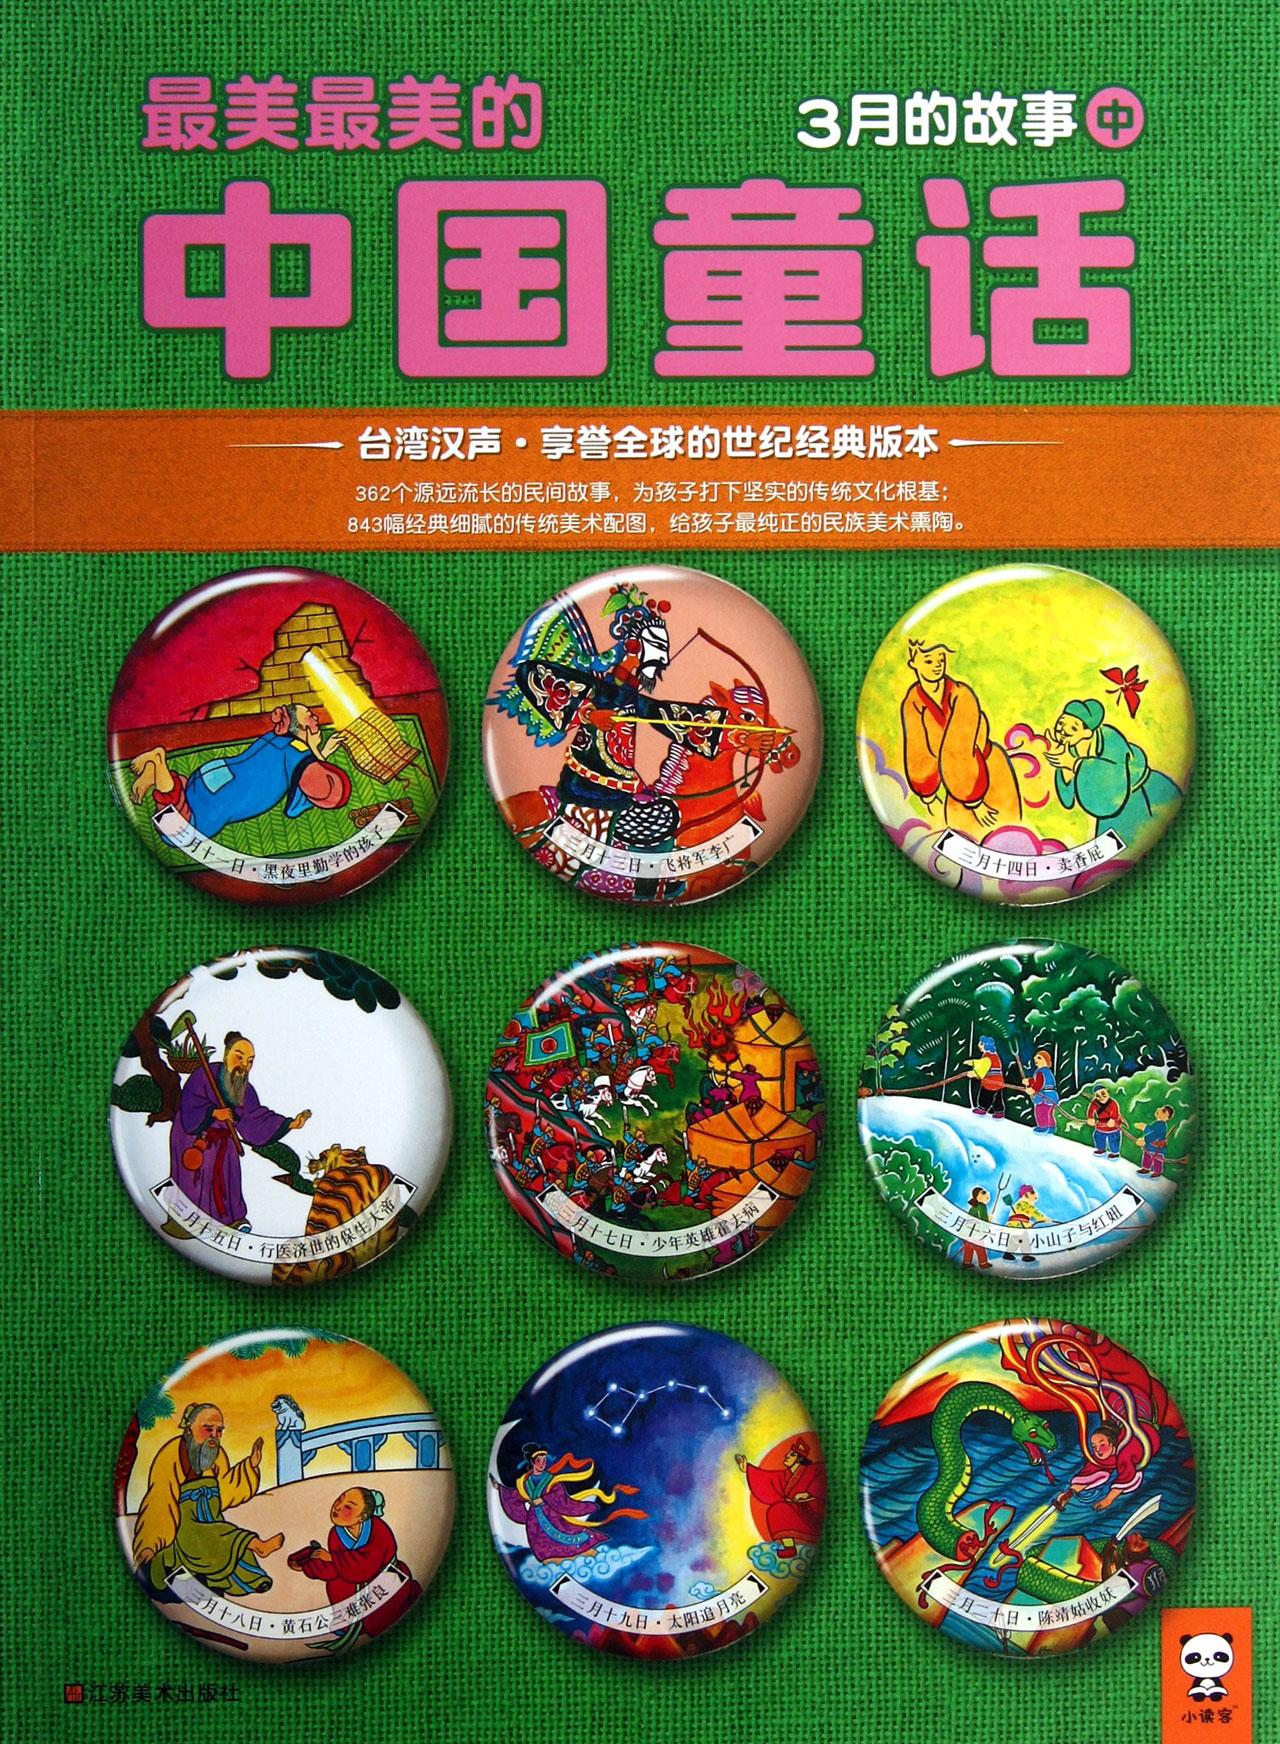 具有传统风味的图画,让孩子能在阅读精彩故事之际